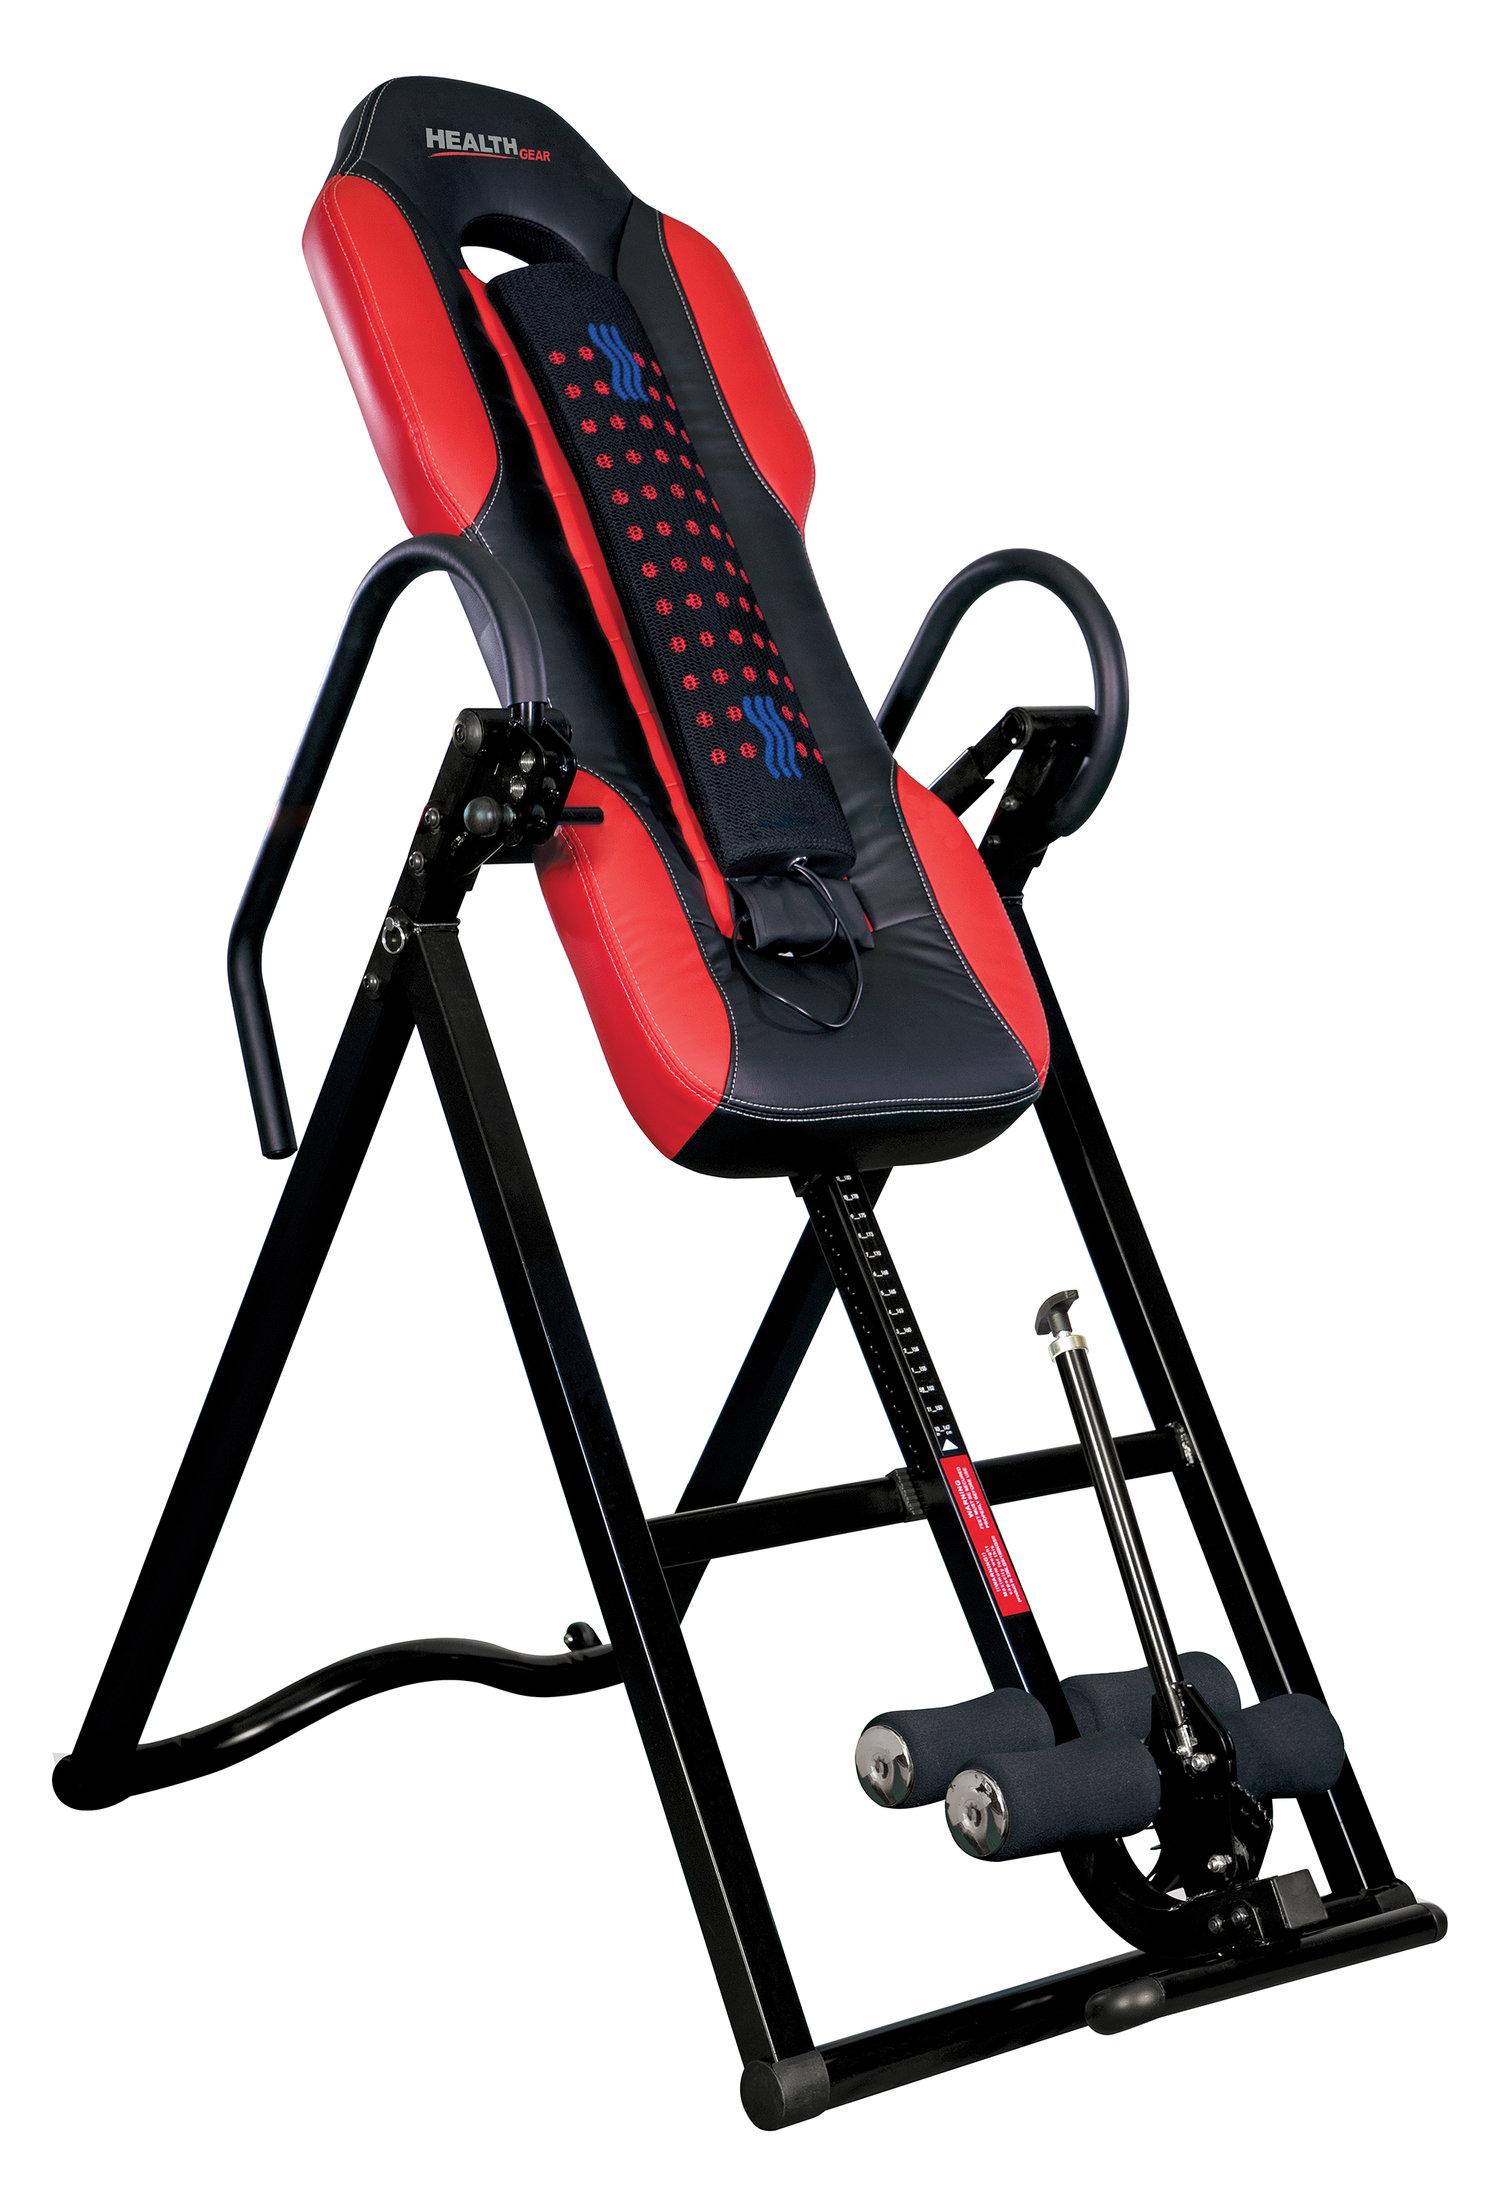 Health Gear ITM5500